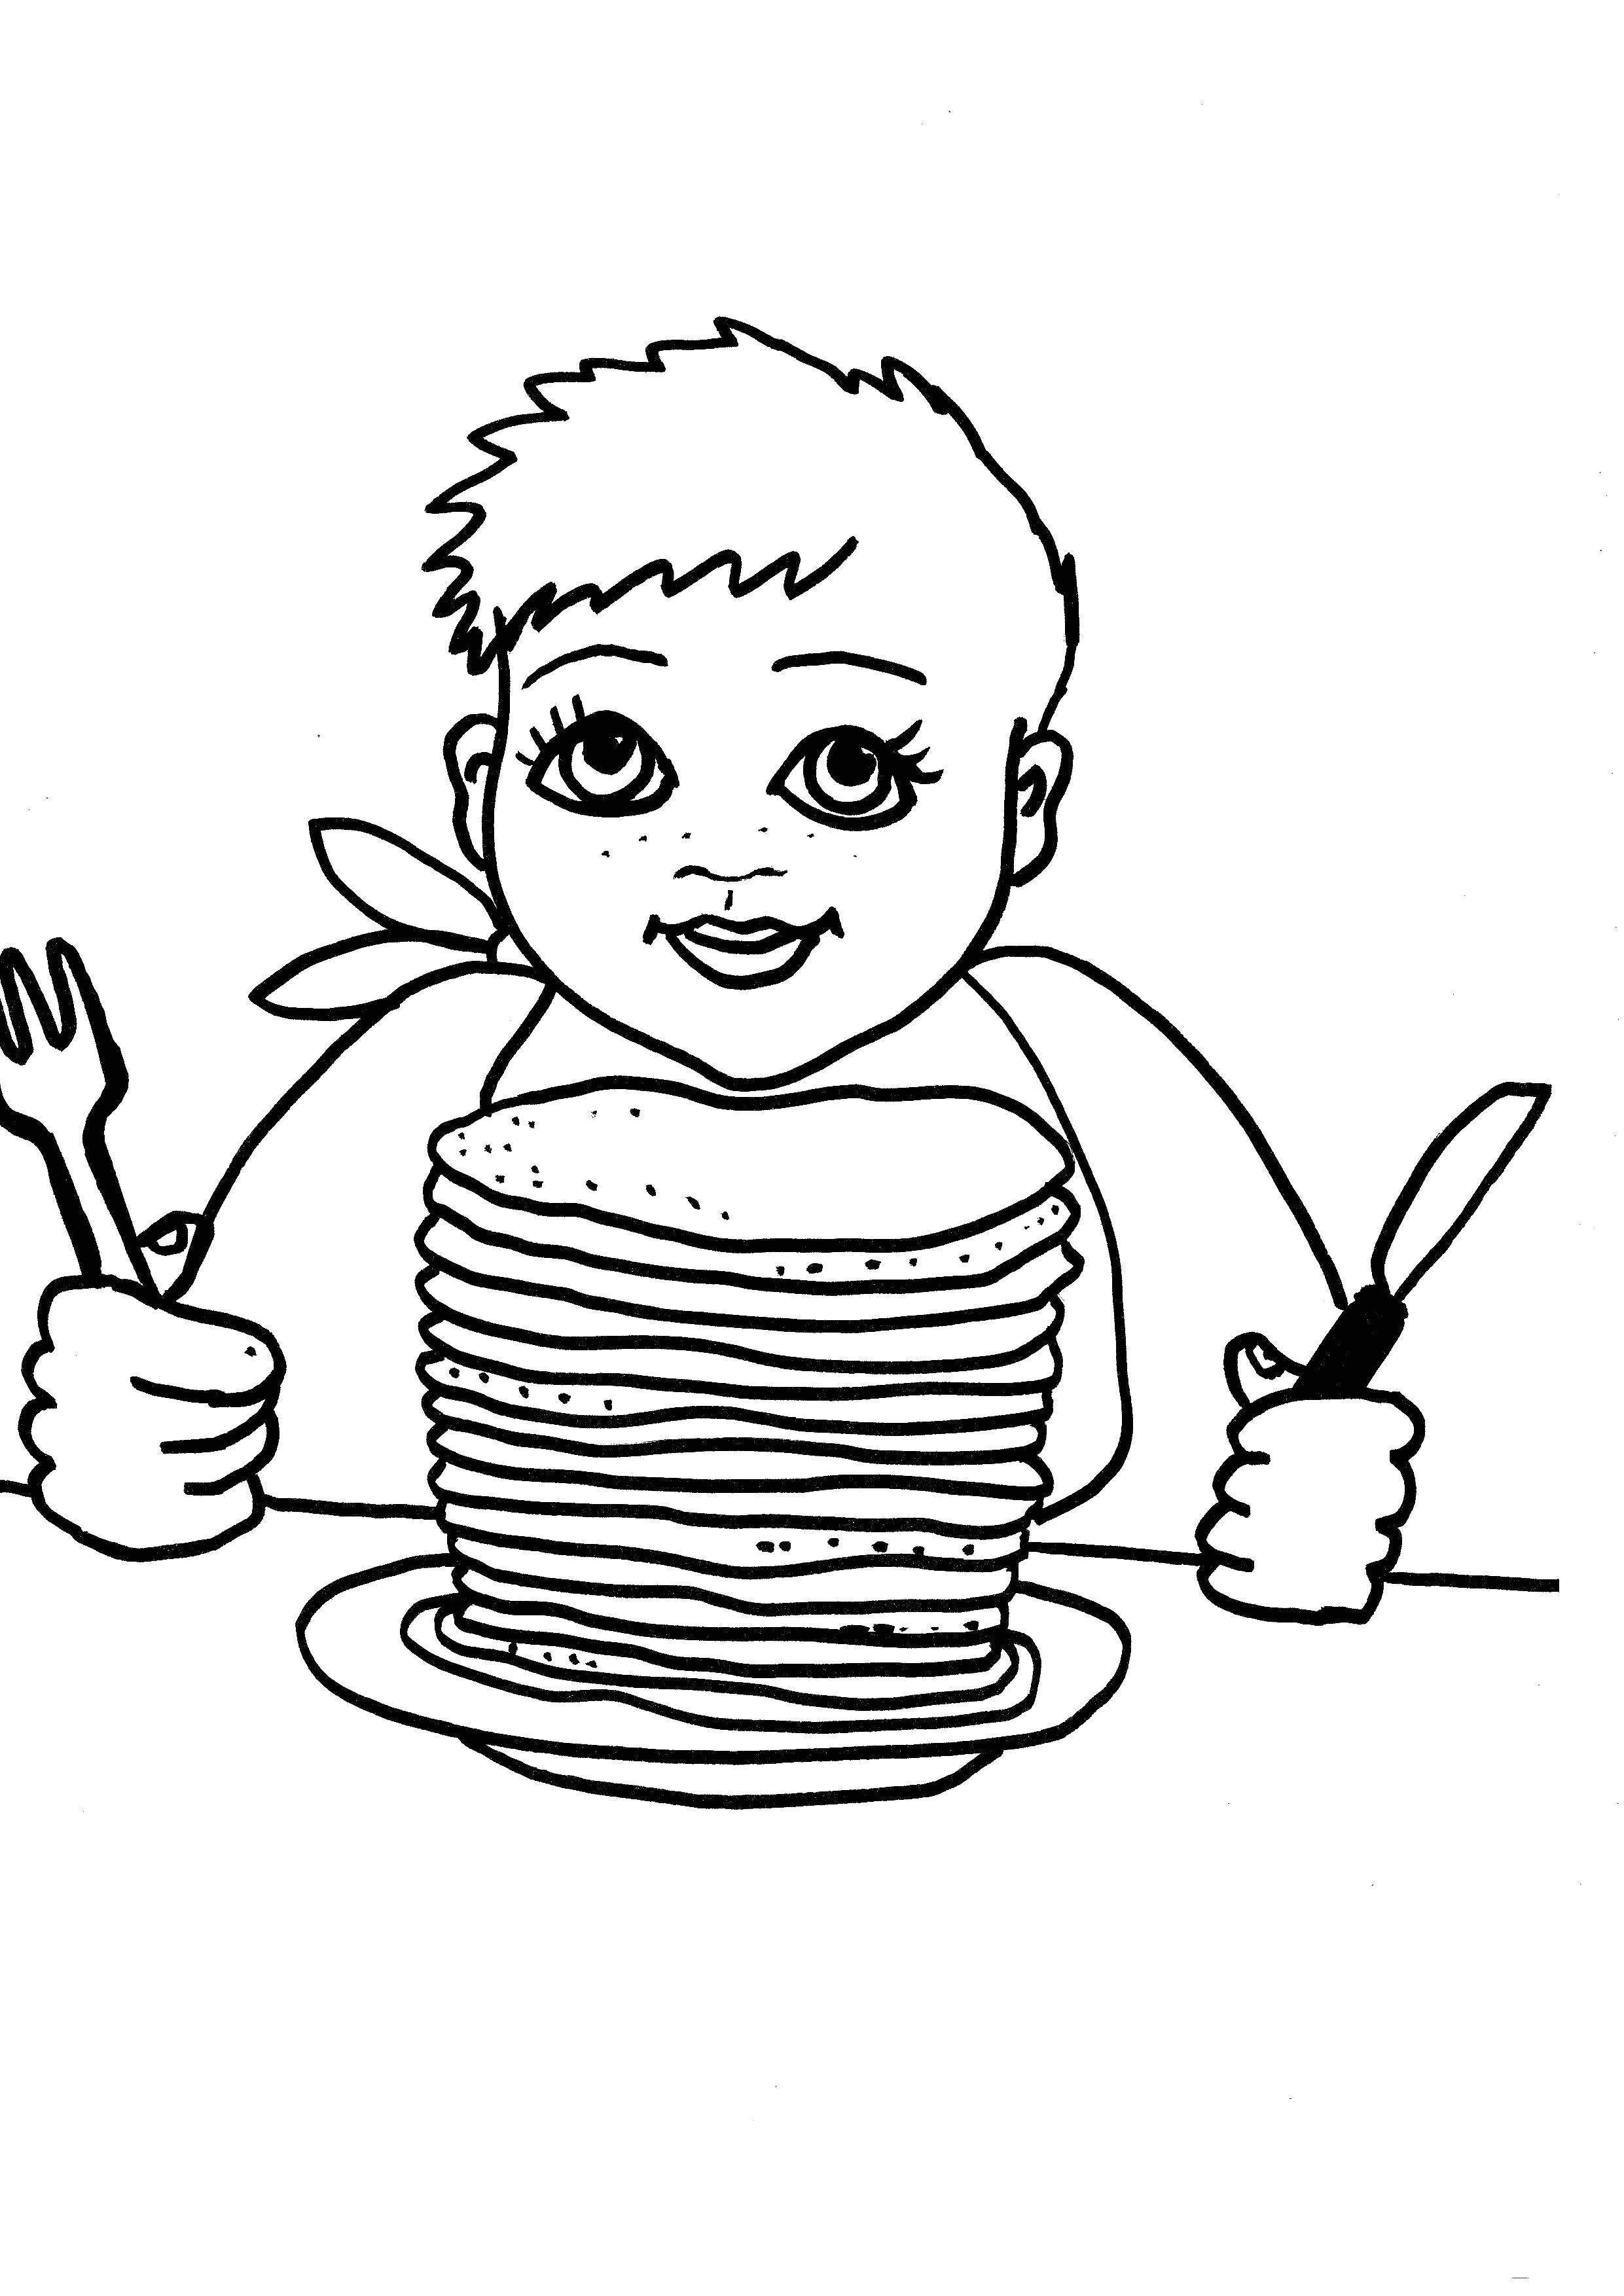 Раскраски Контур, Раскраска Контур кекса еда.